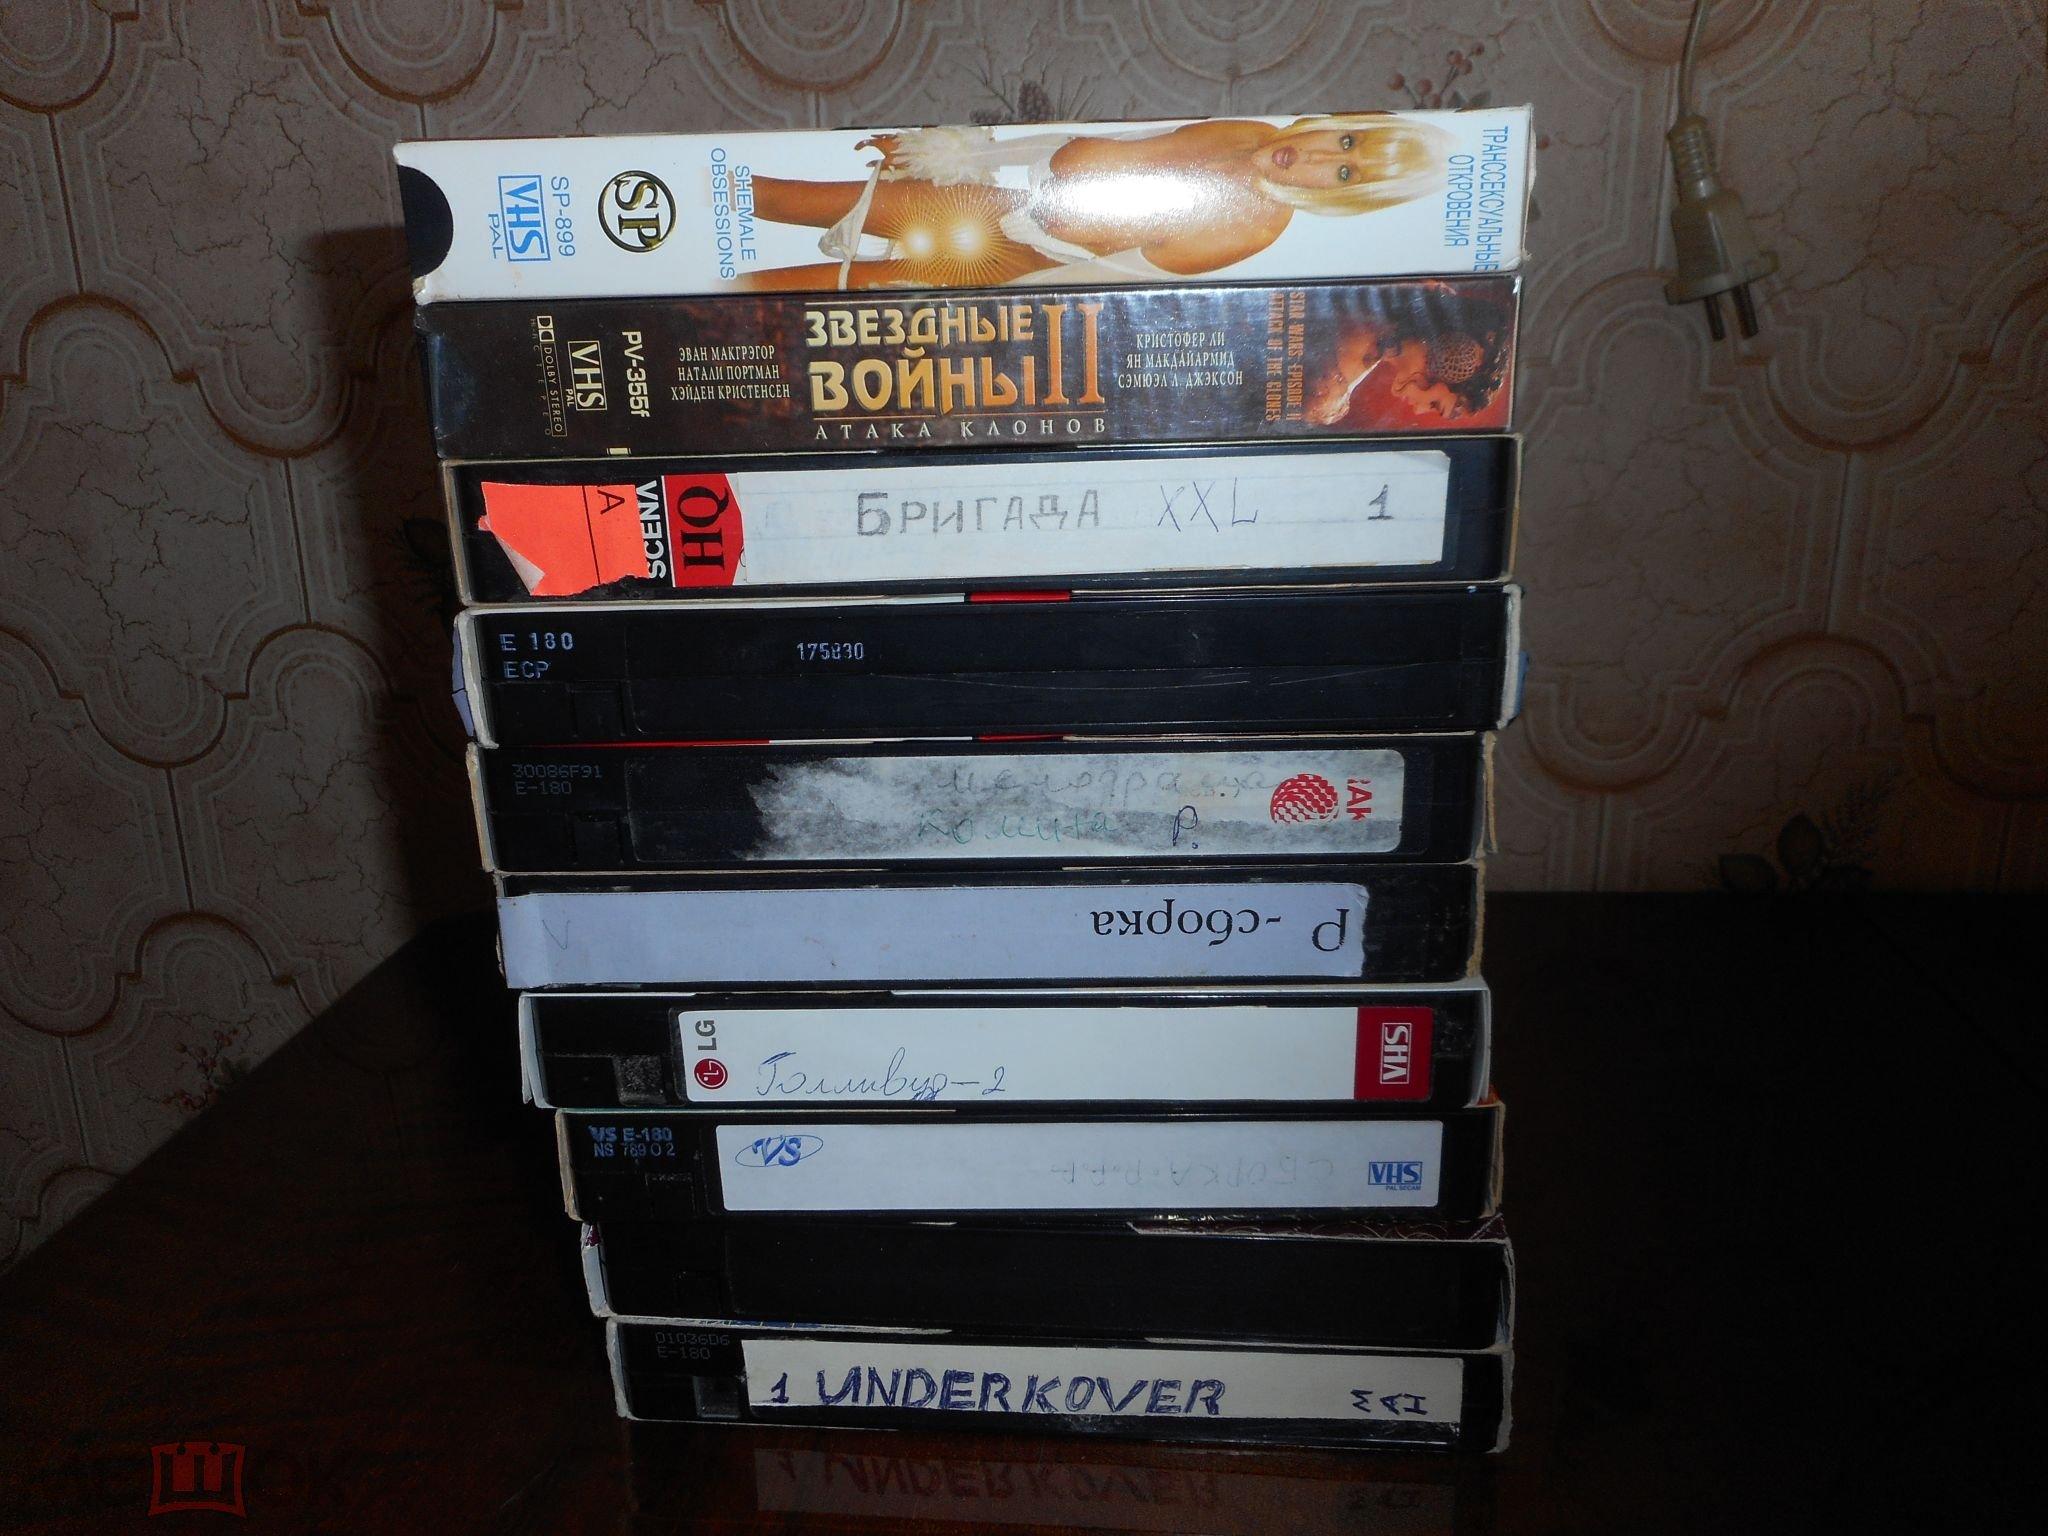 эротические моменты из фильмов на видеокассетах видео